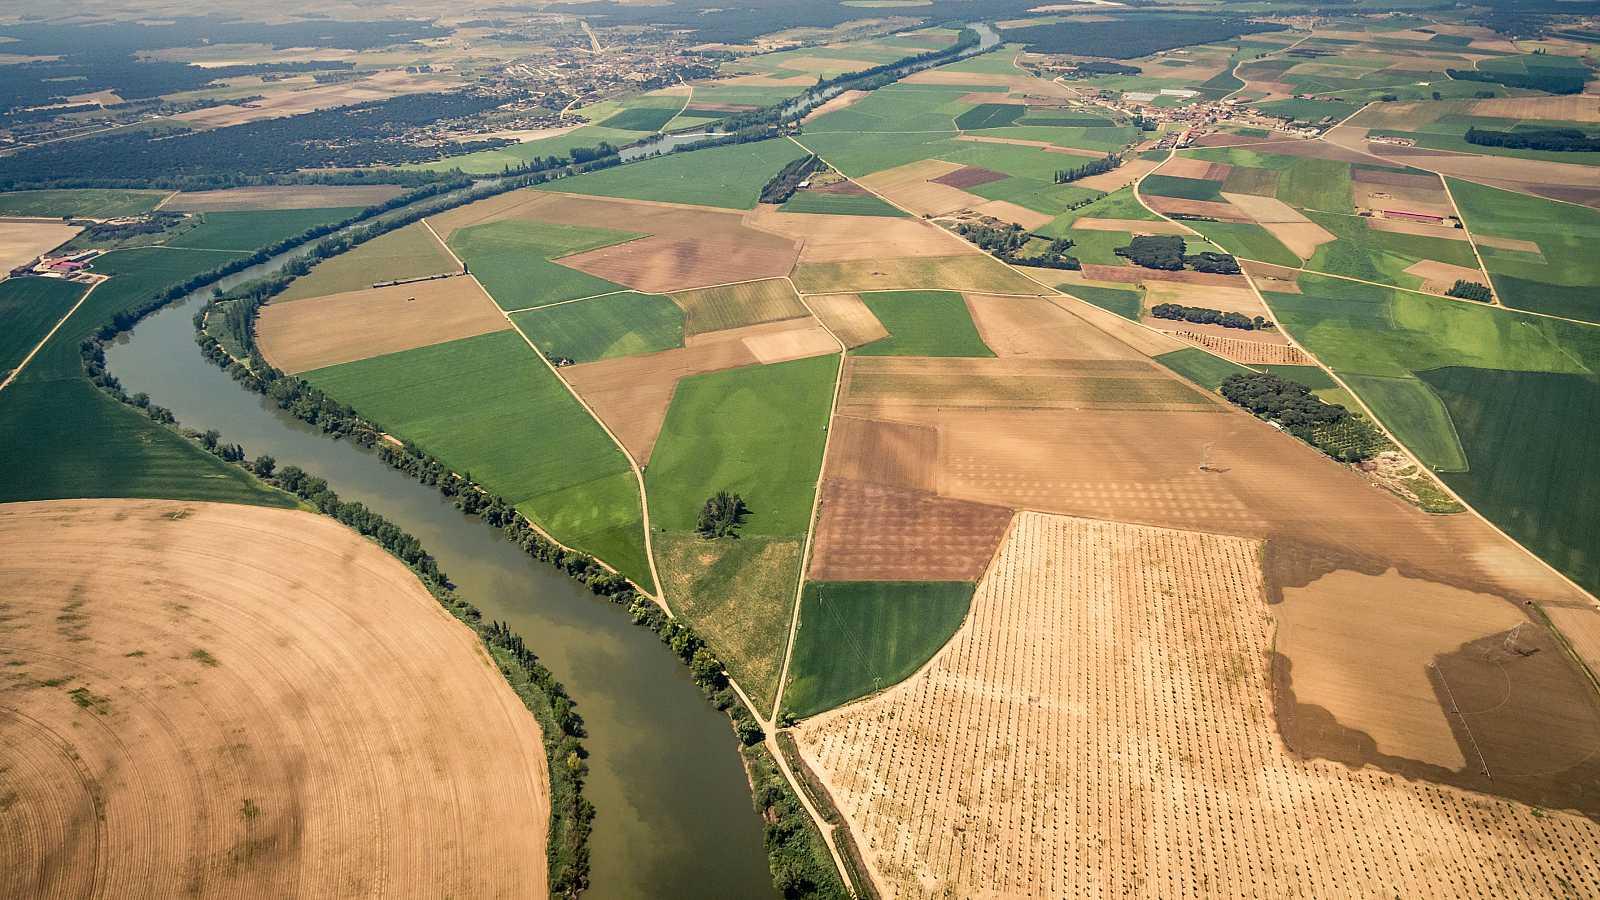 Imagen aérea de unos campos de cultivo